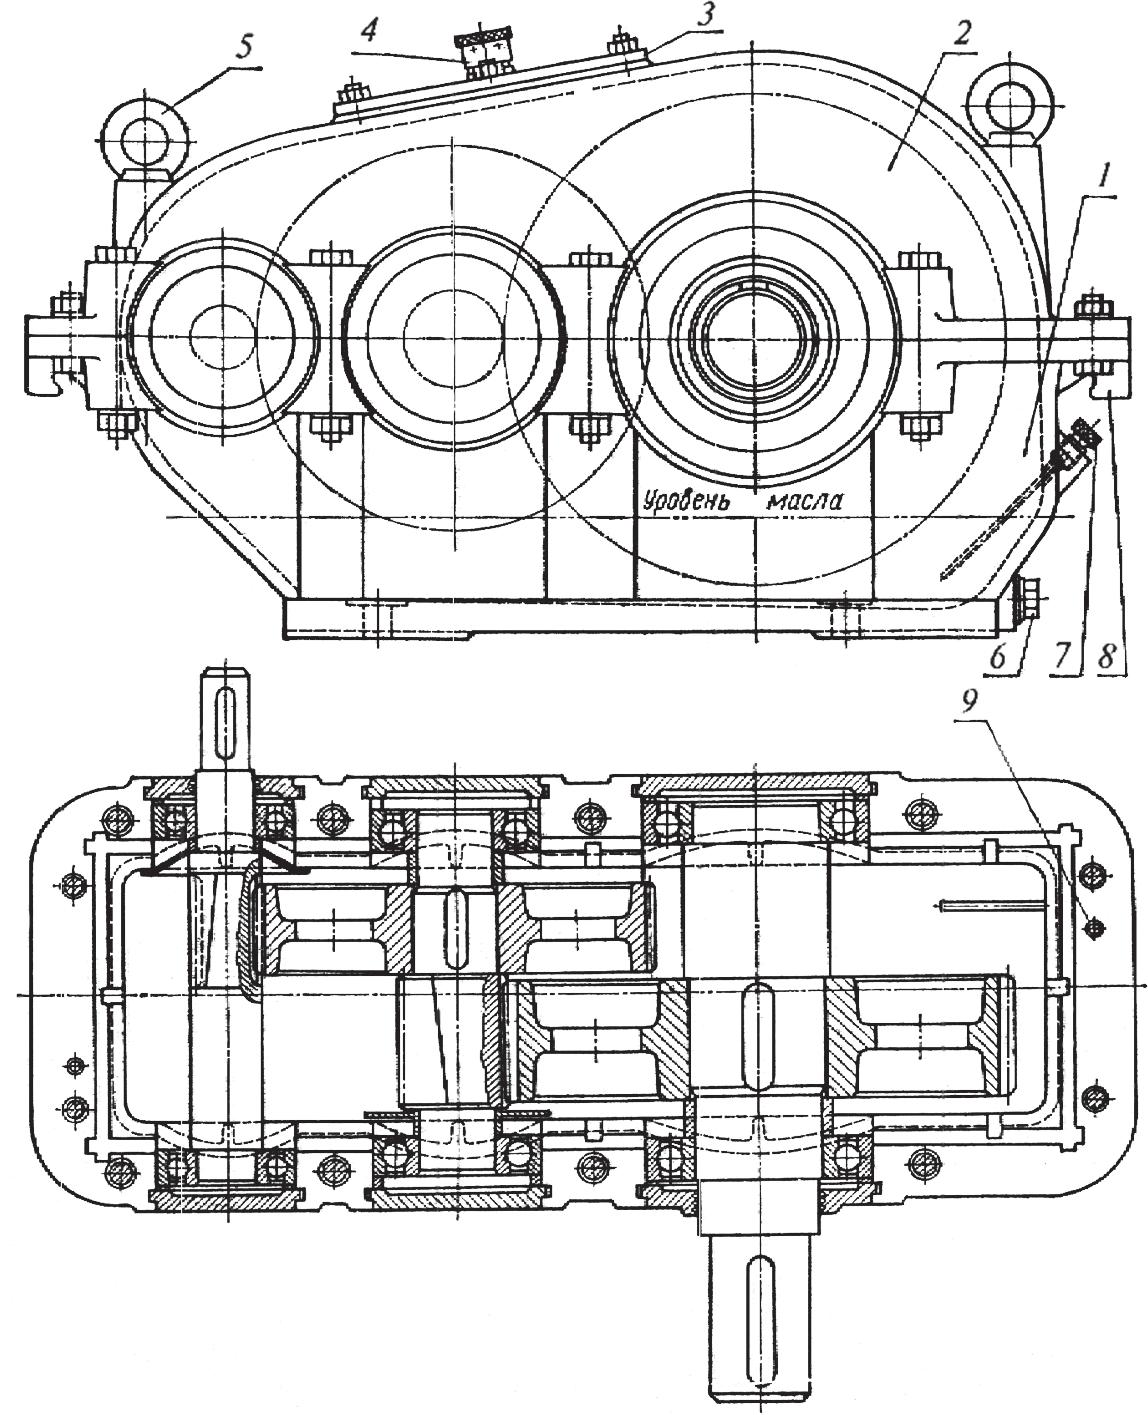 Компоновка двухступенчатого редуктора